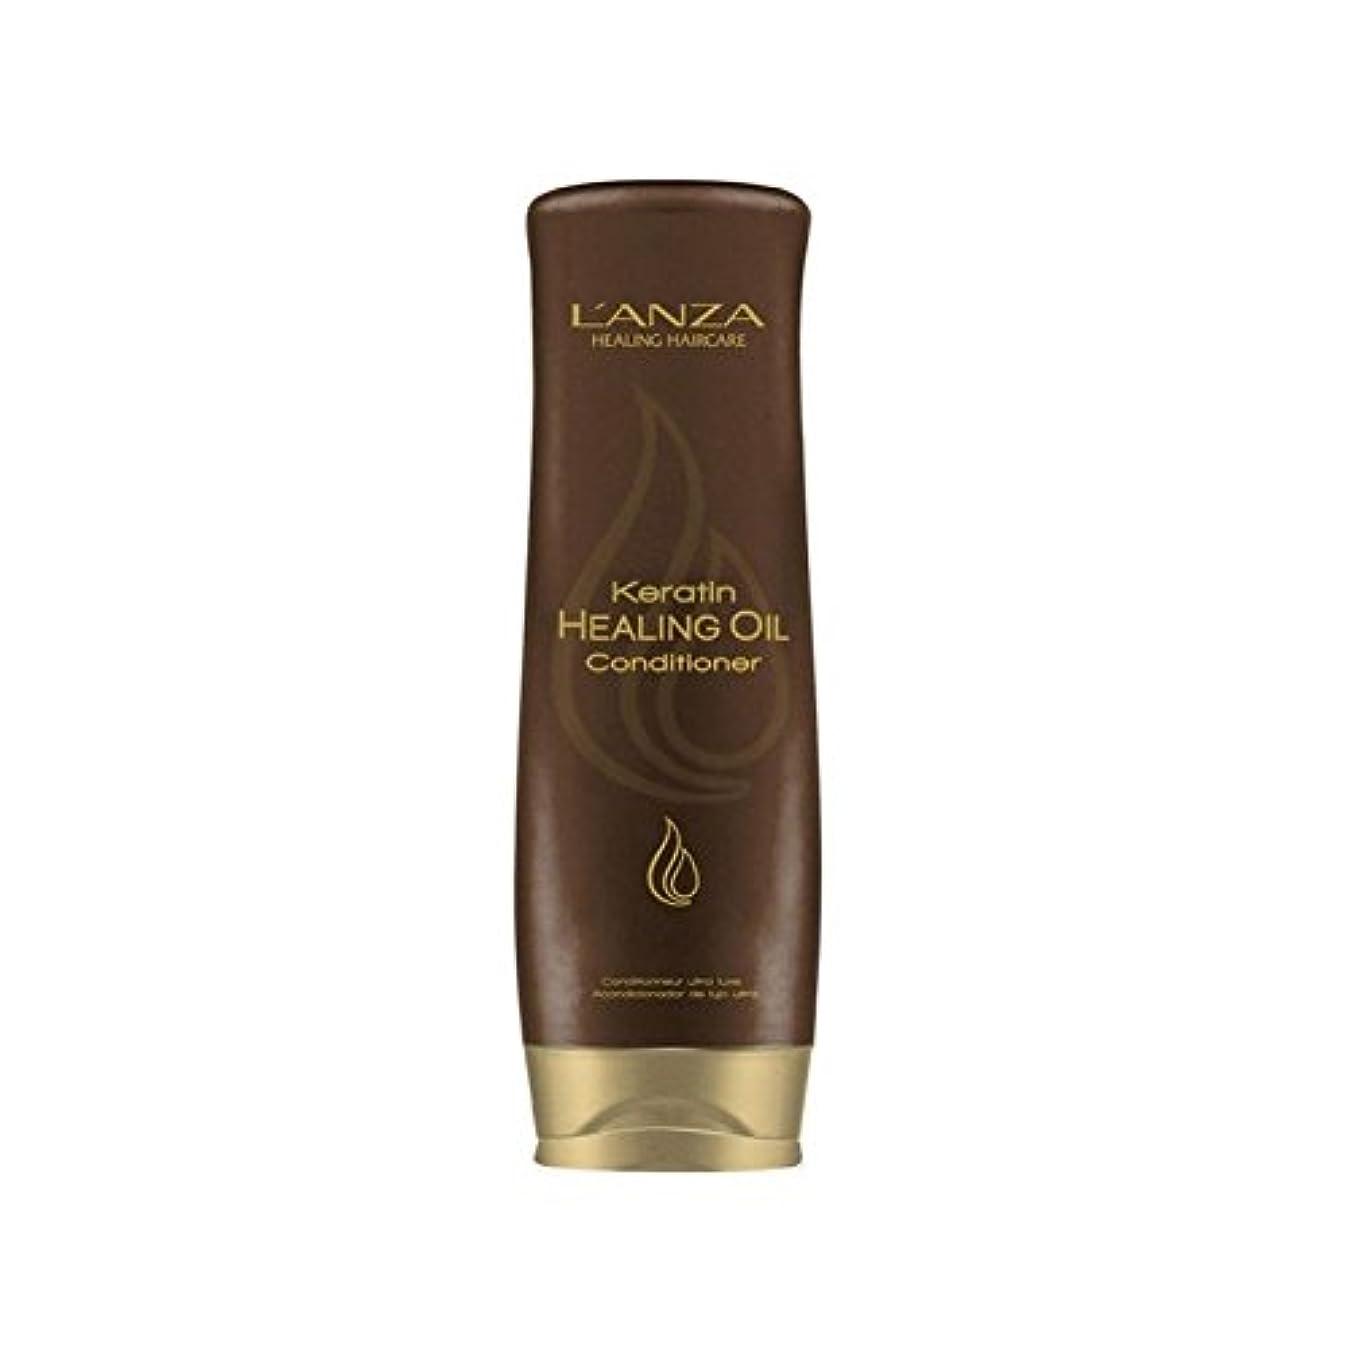 アンザケラチンオイルコンディショナー(250ミリリットル)を癒し x2 - L'Anza Keratin Healing Oil Conditioner (250ml) (Pack of 2) [並行輸入品]